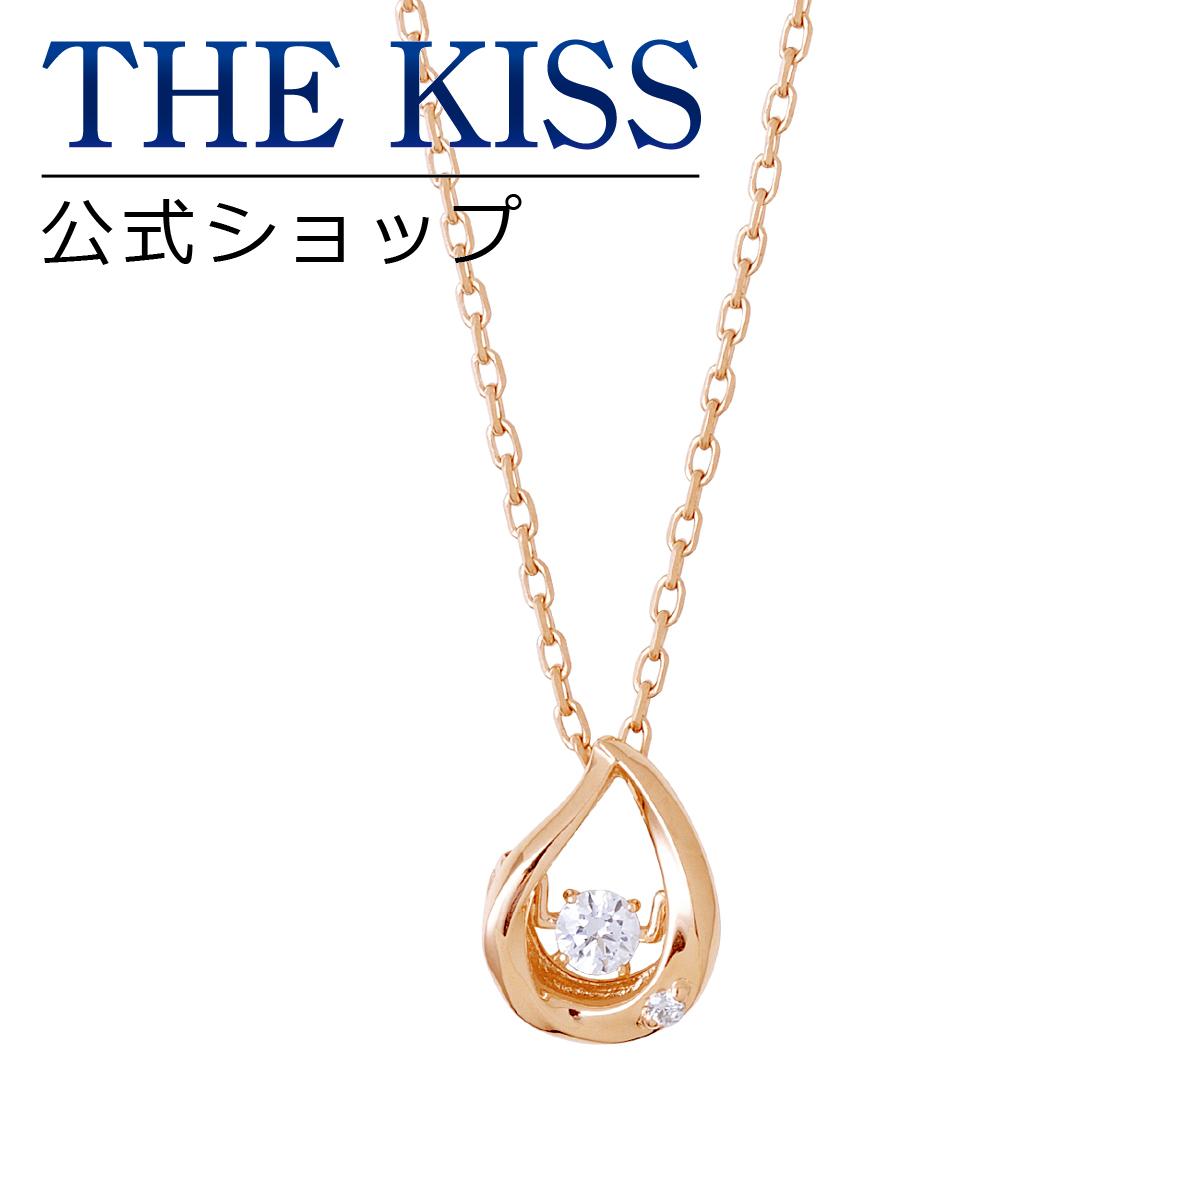 【あす楽対応】ダンシングストーン Dancing Stone THE KISS 公式サイト シルバー ネックレス レディースジュエリー・アクセサリー ジュエリーブランド THEKISS ネックレス・ペンダント 記念日 SPD1408DM ザキス 【Twinkling】【送料無料】